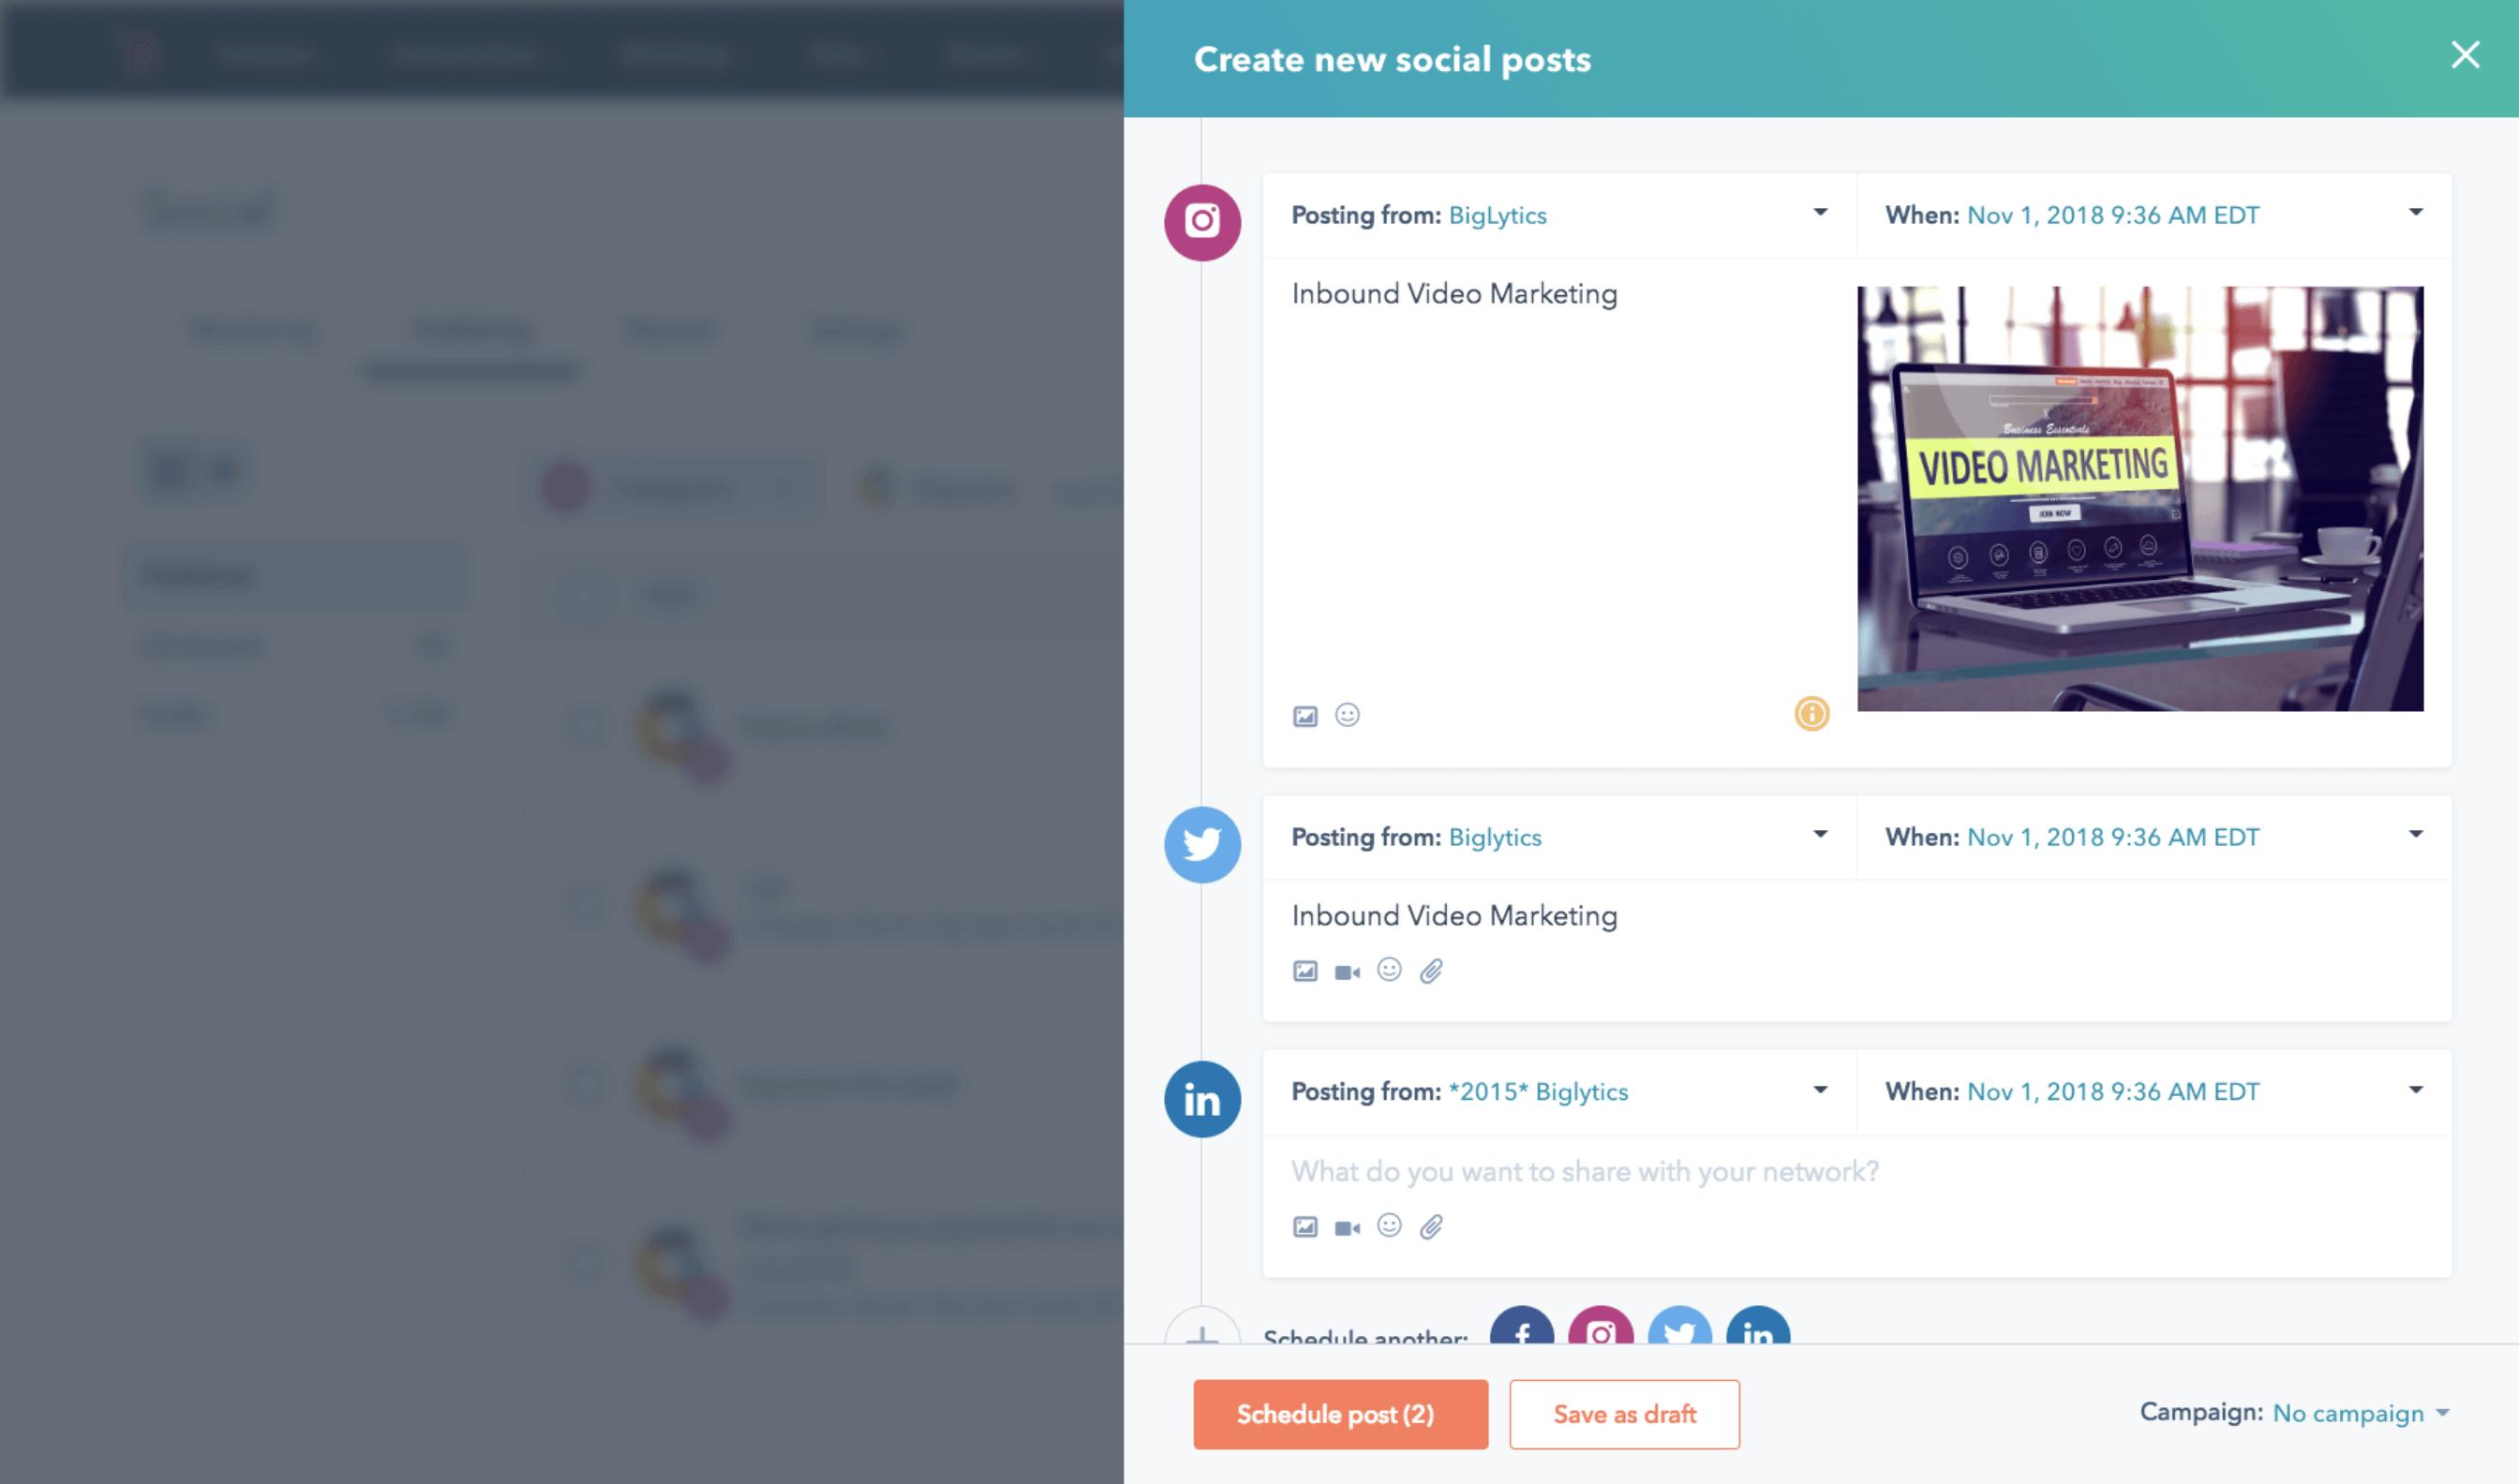 hubspot-marketing-hub-create-social-media-posts